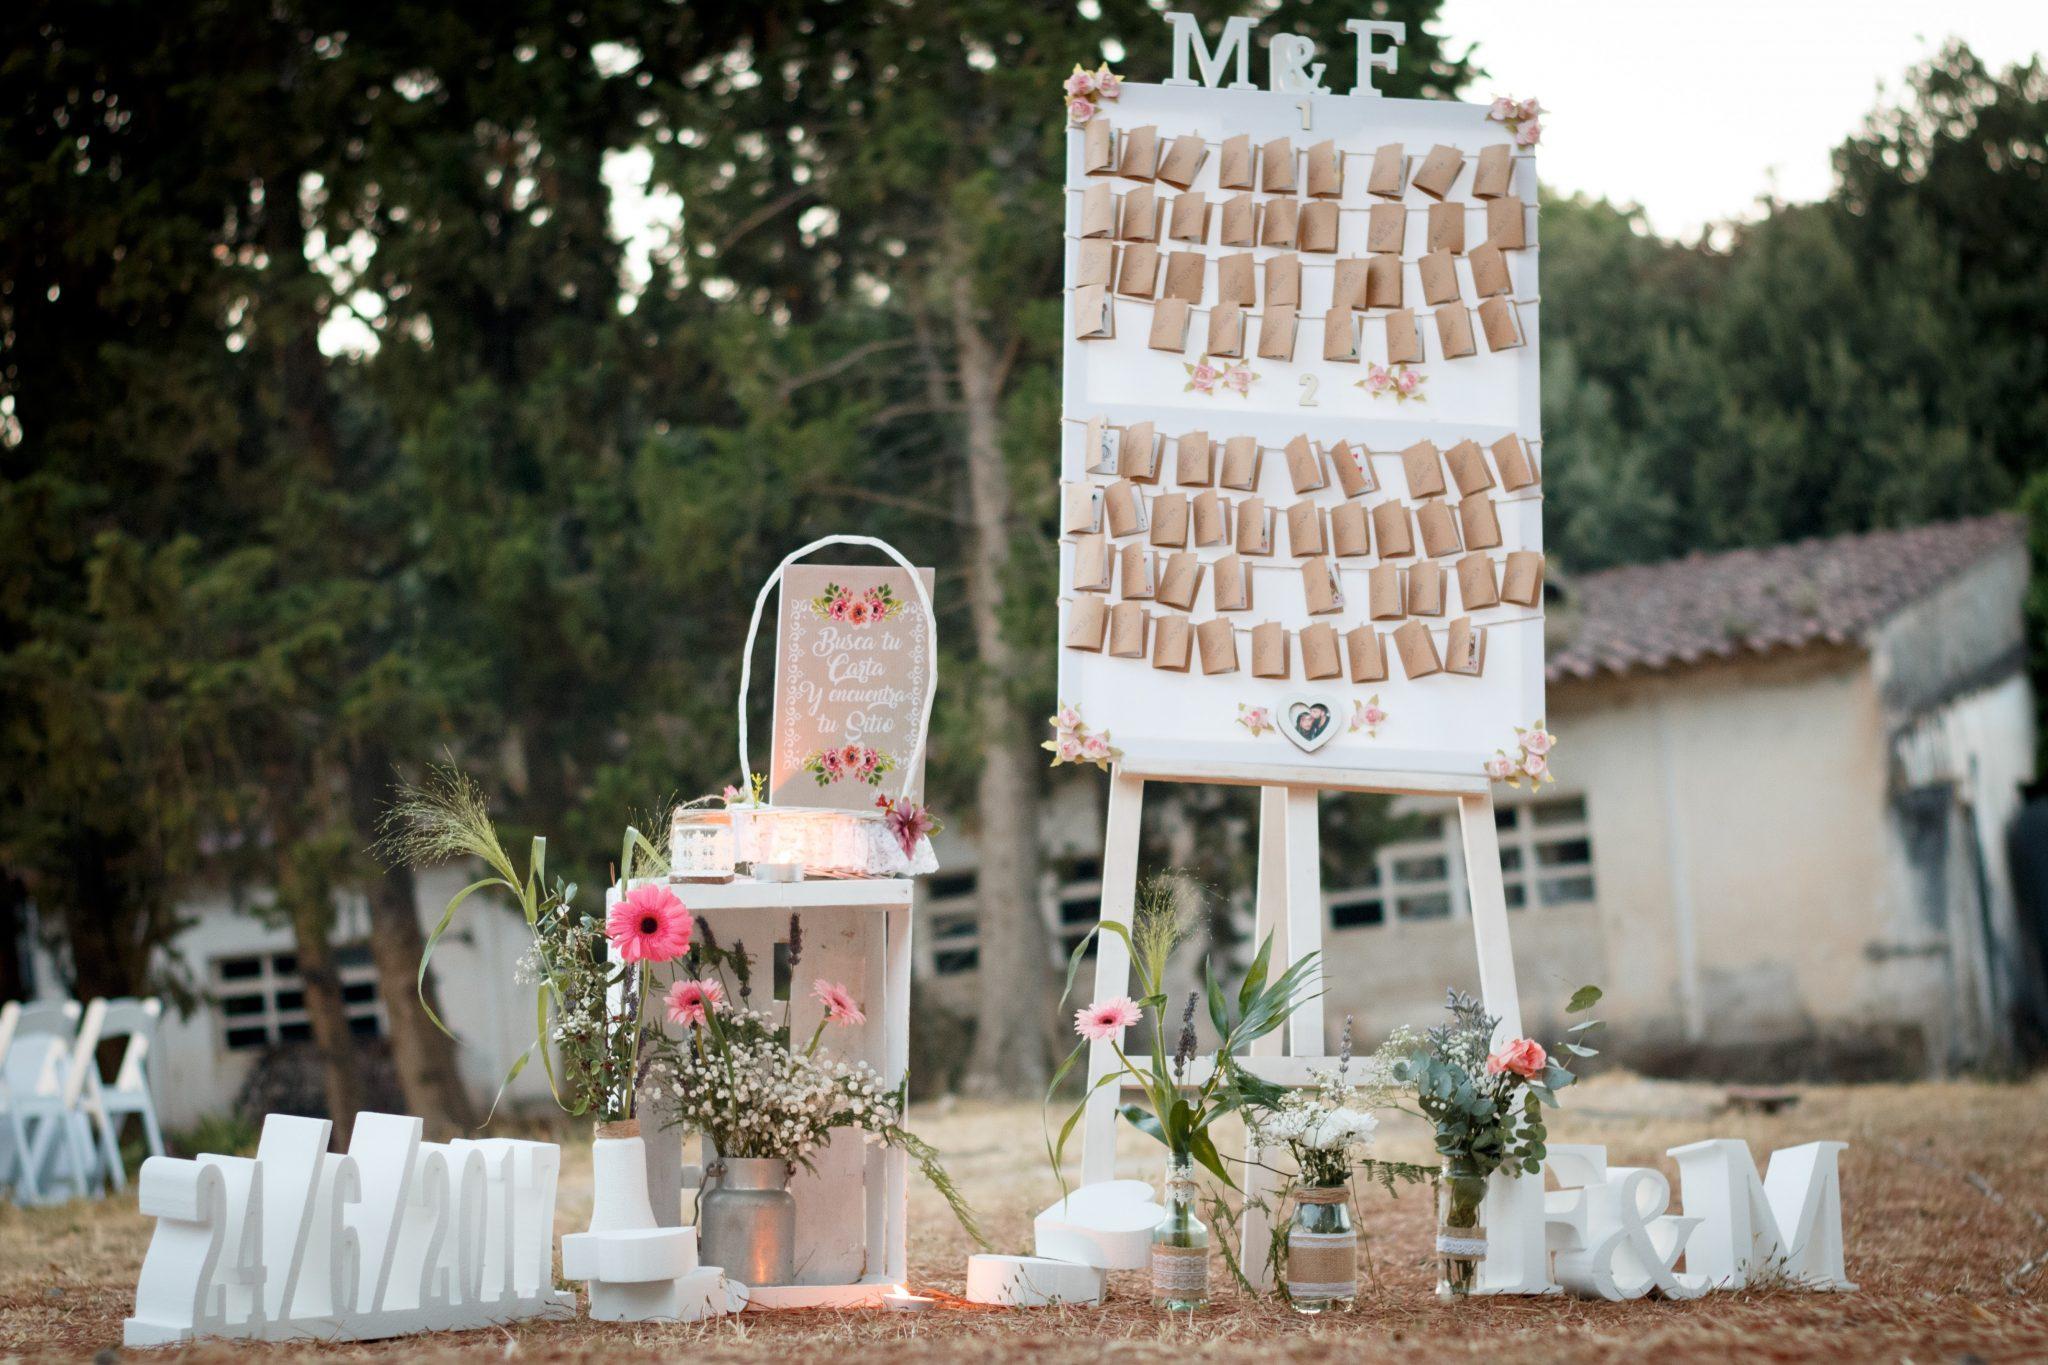 La Roca del Vallés, fotografo bodas barcelona | fotografo de bodas en barcelona | fotografo de bodas barcelona | fotografia bodas barcelona | fotografo boda barcelona | fotograf casaments barcelona | fotografos bodas barcelona | contratar fotografos barcelona | contratar fotografos en barcelona | fotógrafos bodas barcelona | fotografia boda barcelona | fotografo bodas barato | fotografo barato barcelona | reportaje de bodas barcelona | fotografía de bodas barcelona girona | fotografos de bodas barcelona | fotografos de boda en barcelona | fotografos barcelona bodas | fotógrafo bodas barcelona | fotografo bodas girona | fotografo bodas tarragona | fotografo bodas lleida | fotografos de bodas en barcelona | fotografo boda barato | fotógrafo para bodas en barcelona | fotografo bodas en barcelona | fotografo de boda barcelona | fotógrafo de bodas en barcelona